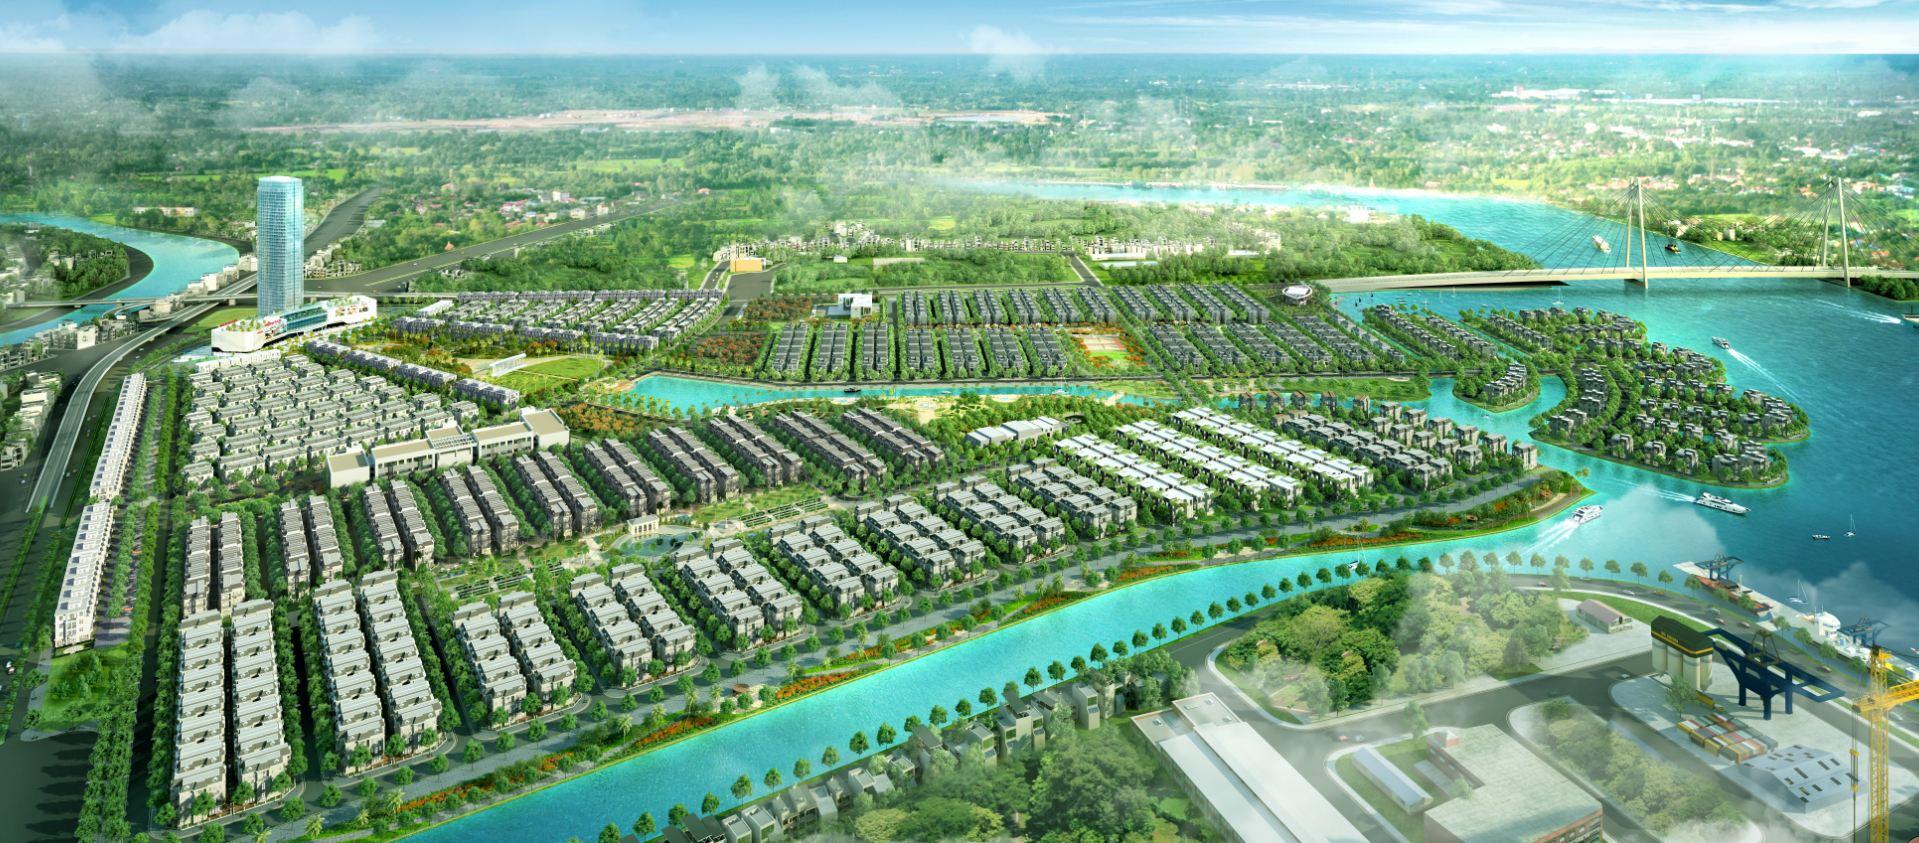 du an nam da lat 1 - Dự án khu đô thị Nam Đà Lạt